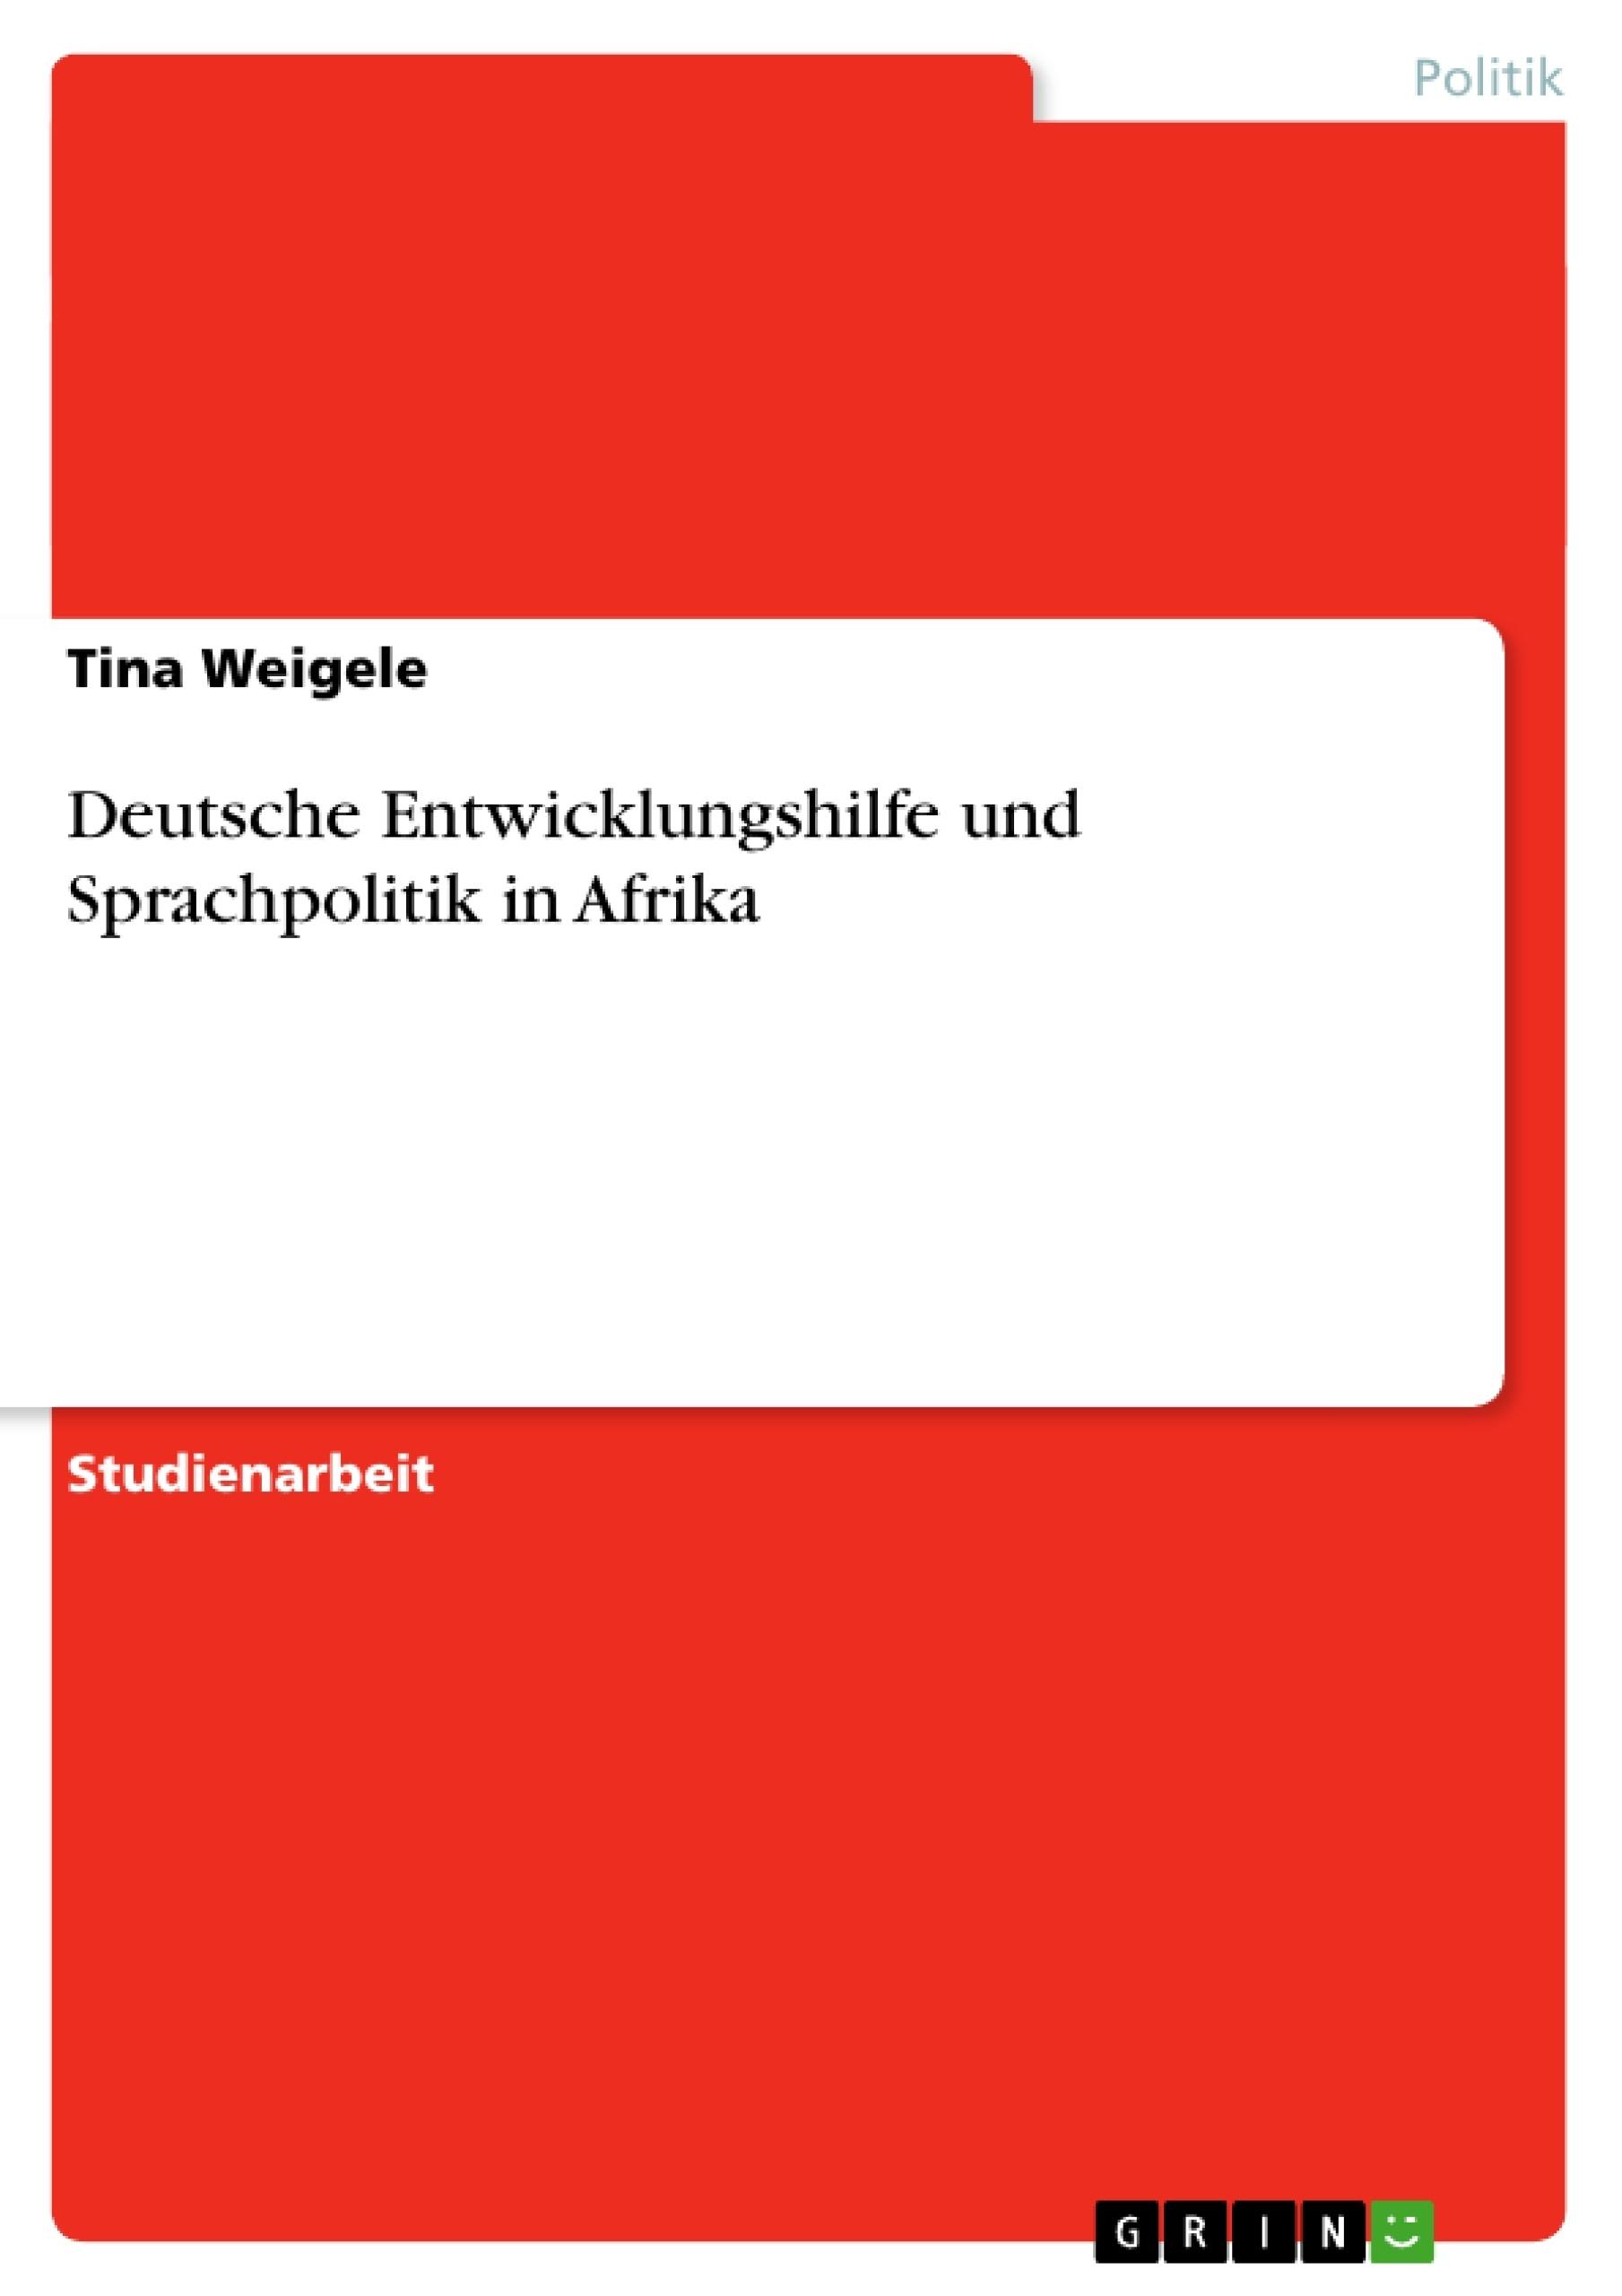 Titel: Deutsche Entwicklungshilfe und Sprachpolitik in Afrika